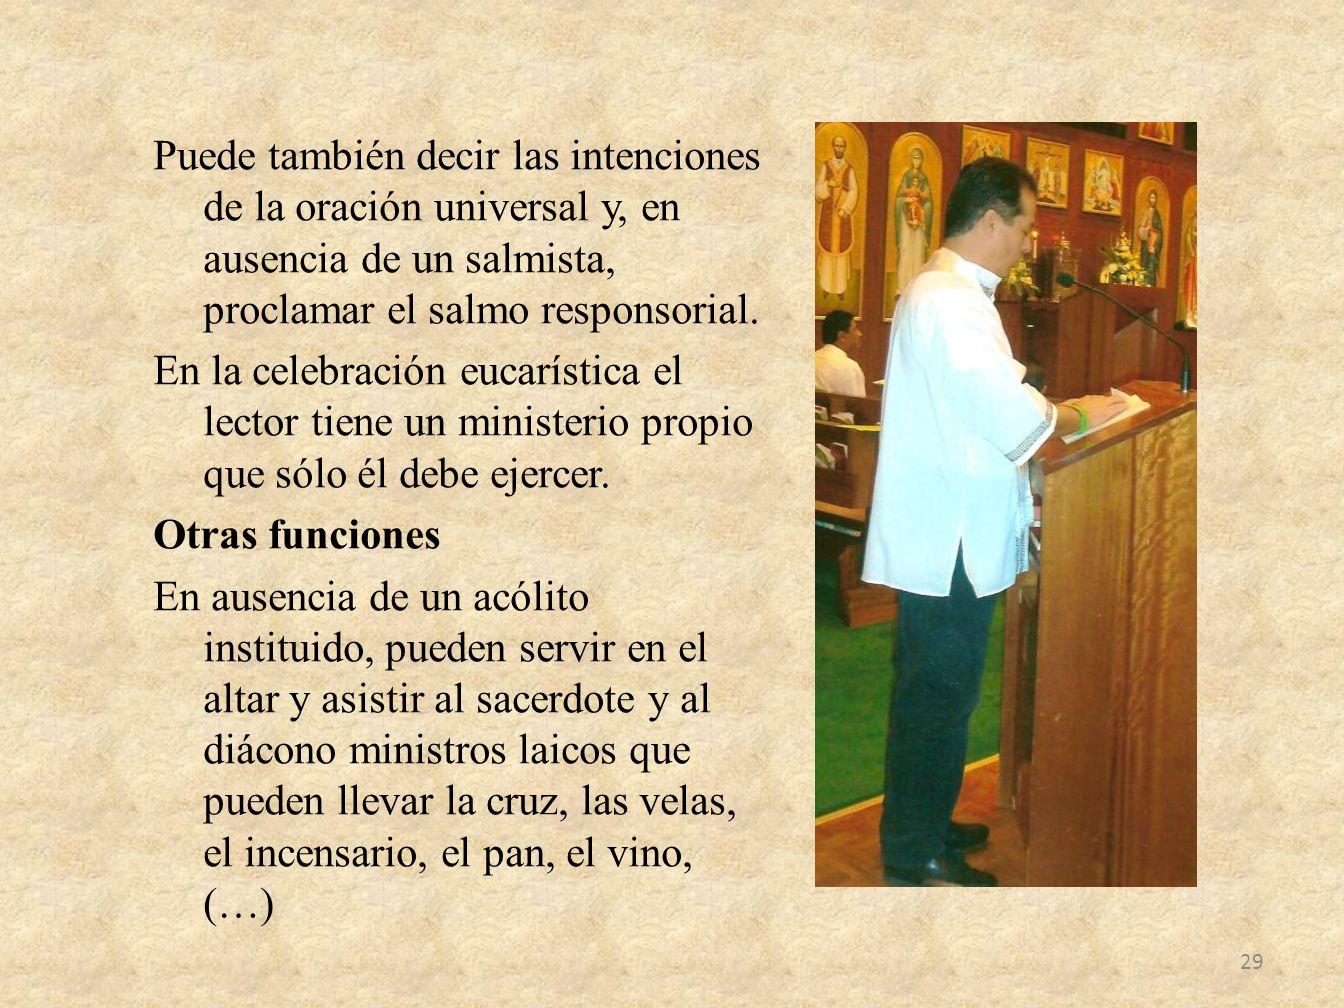 Puede también decir las intenciones de la oración universal y, en ausencia de un salmista, proclamar el salmo responsorial. En la celebración eucaríst